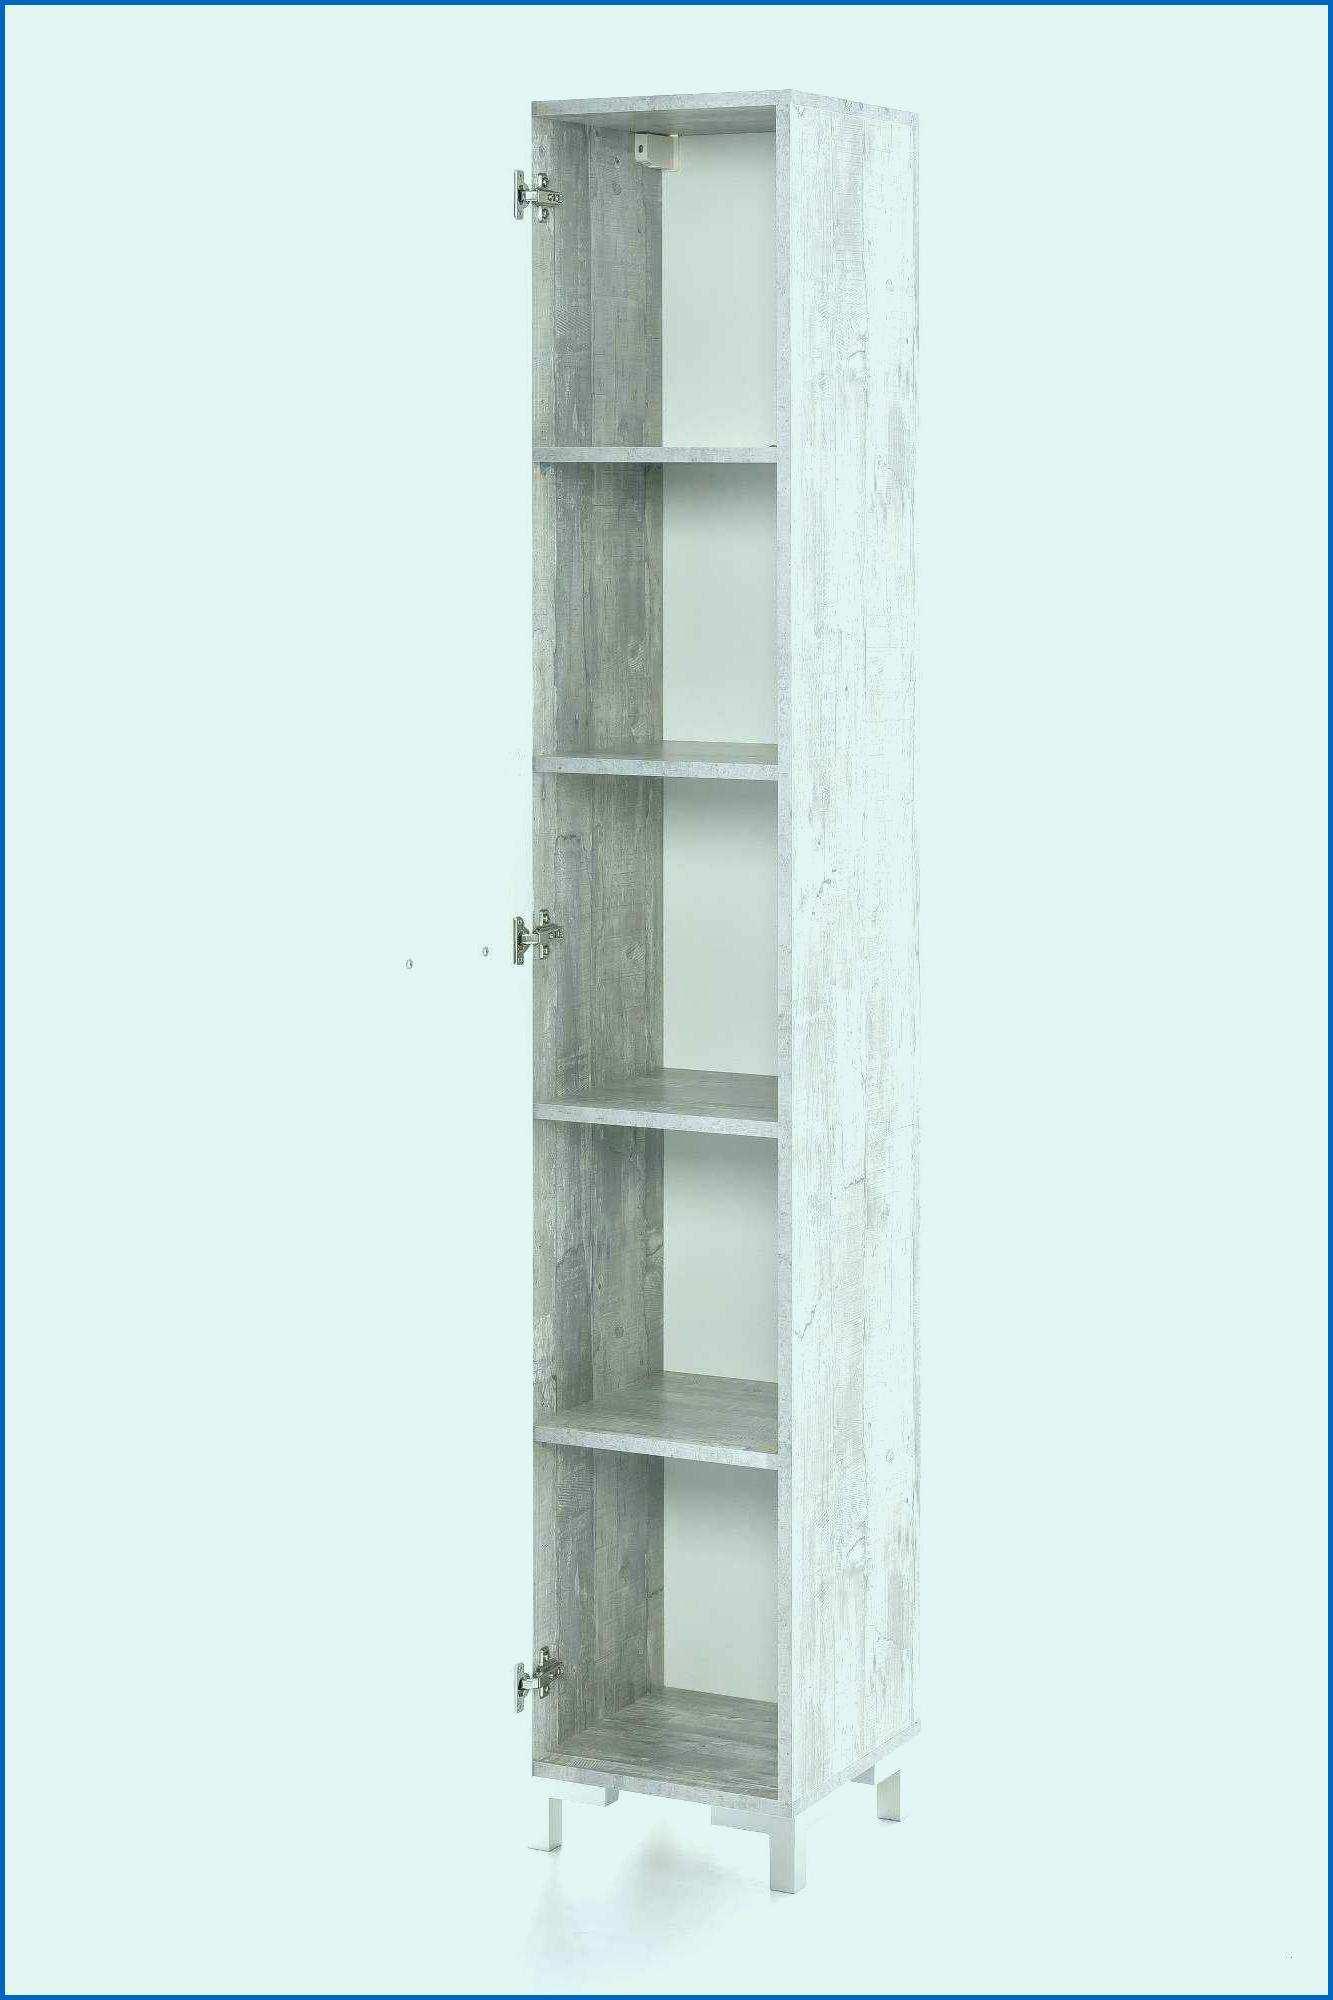 Full Size of Regal 25 Cm Breit Tief Luxus 27 Exklusiv Und Sauber Ikea String Pocket Cd Dvd Tiefes Flexa Badezimmer Raumtrenner Modular Regale Weiß Paletten Buche Massiv Regal Regal 25 Cm Breit